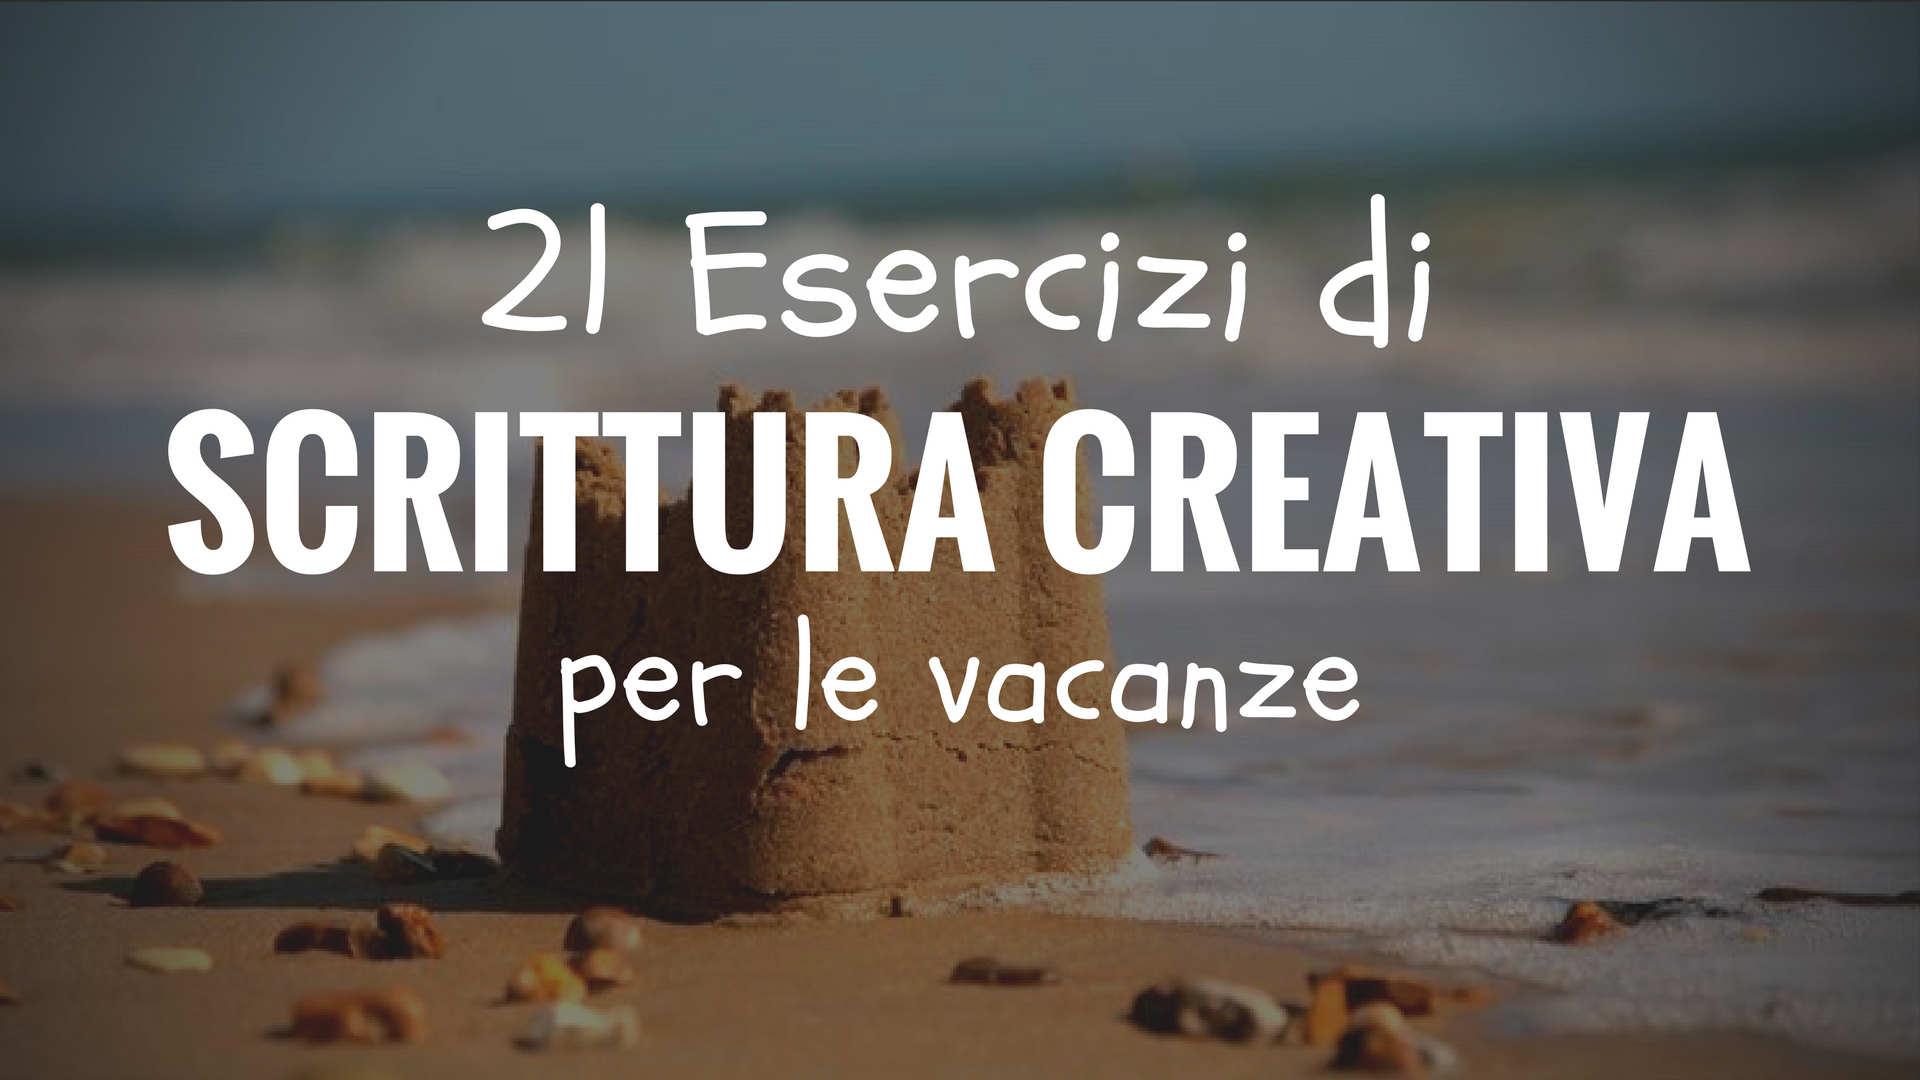 21 esercizi di scrittura creativa